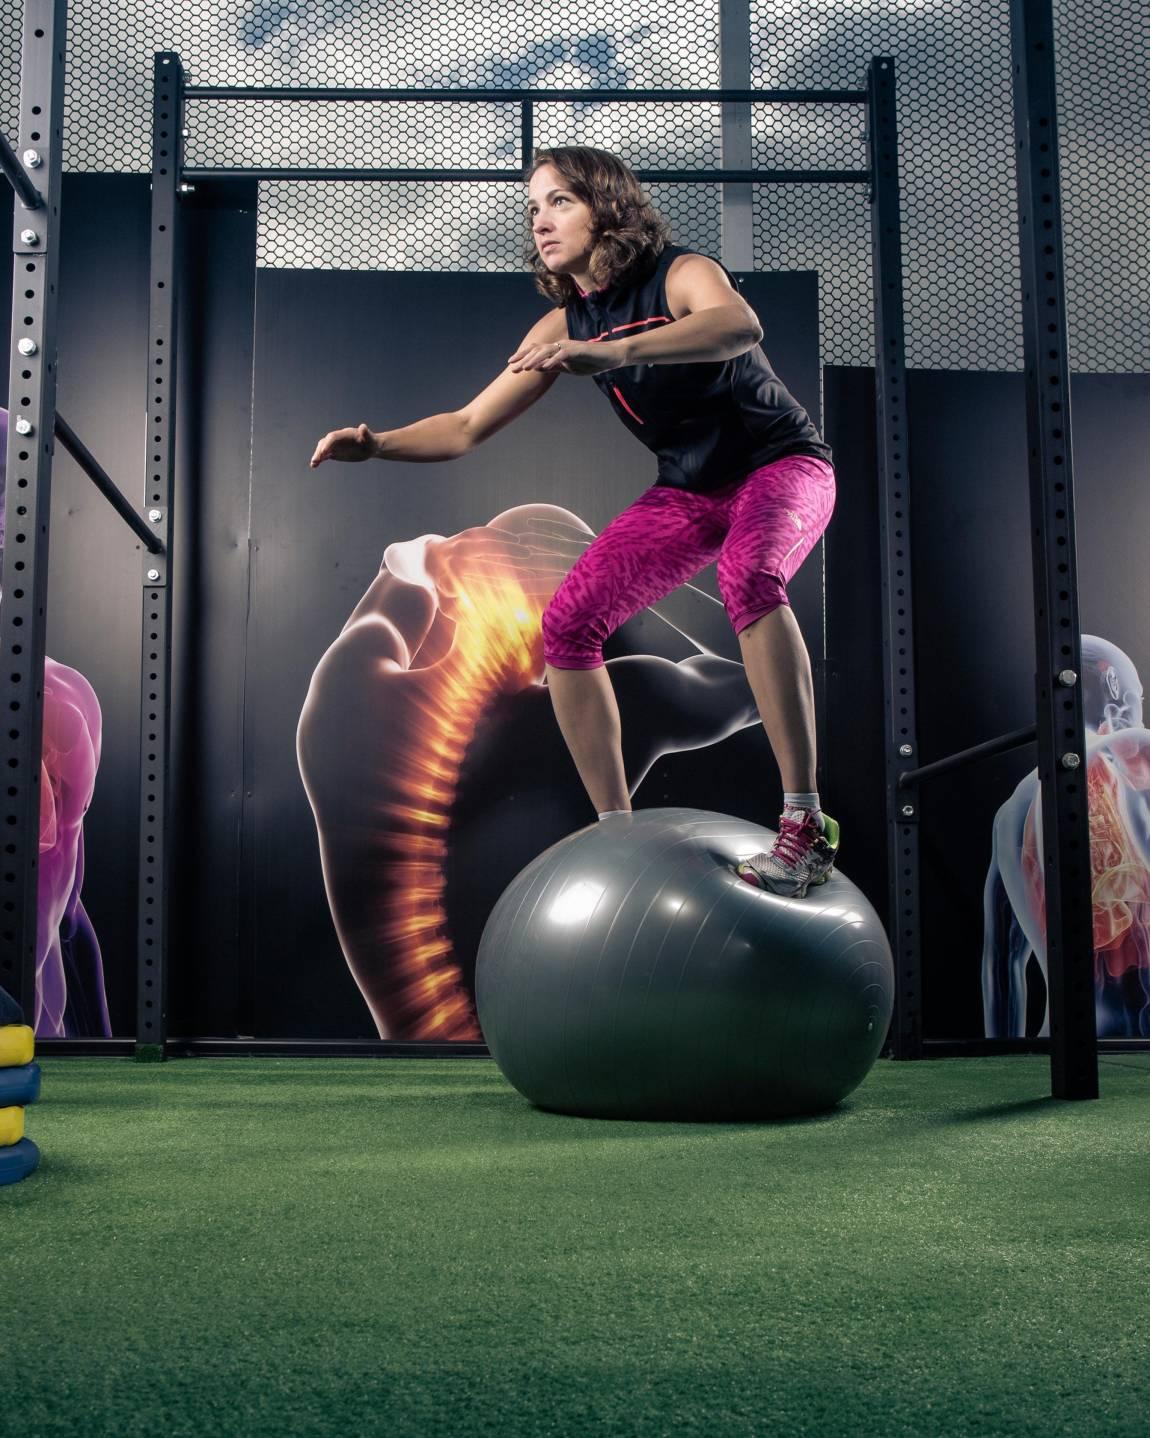 Resultado de imagen de ejercicios de equilibrio con pelota